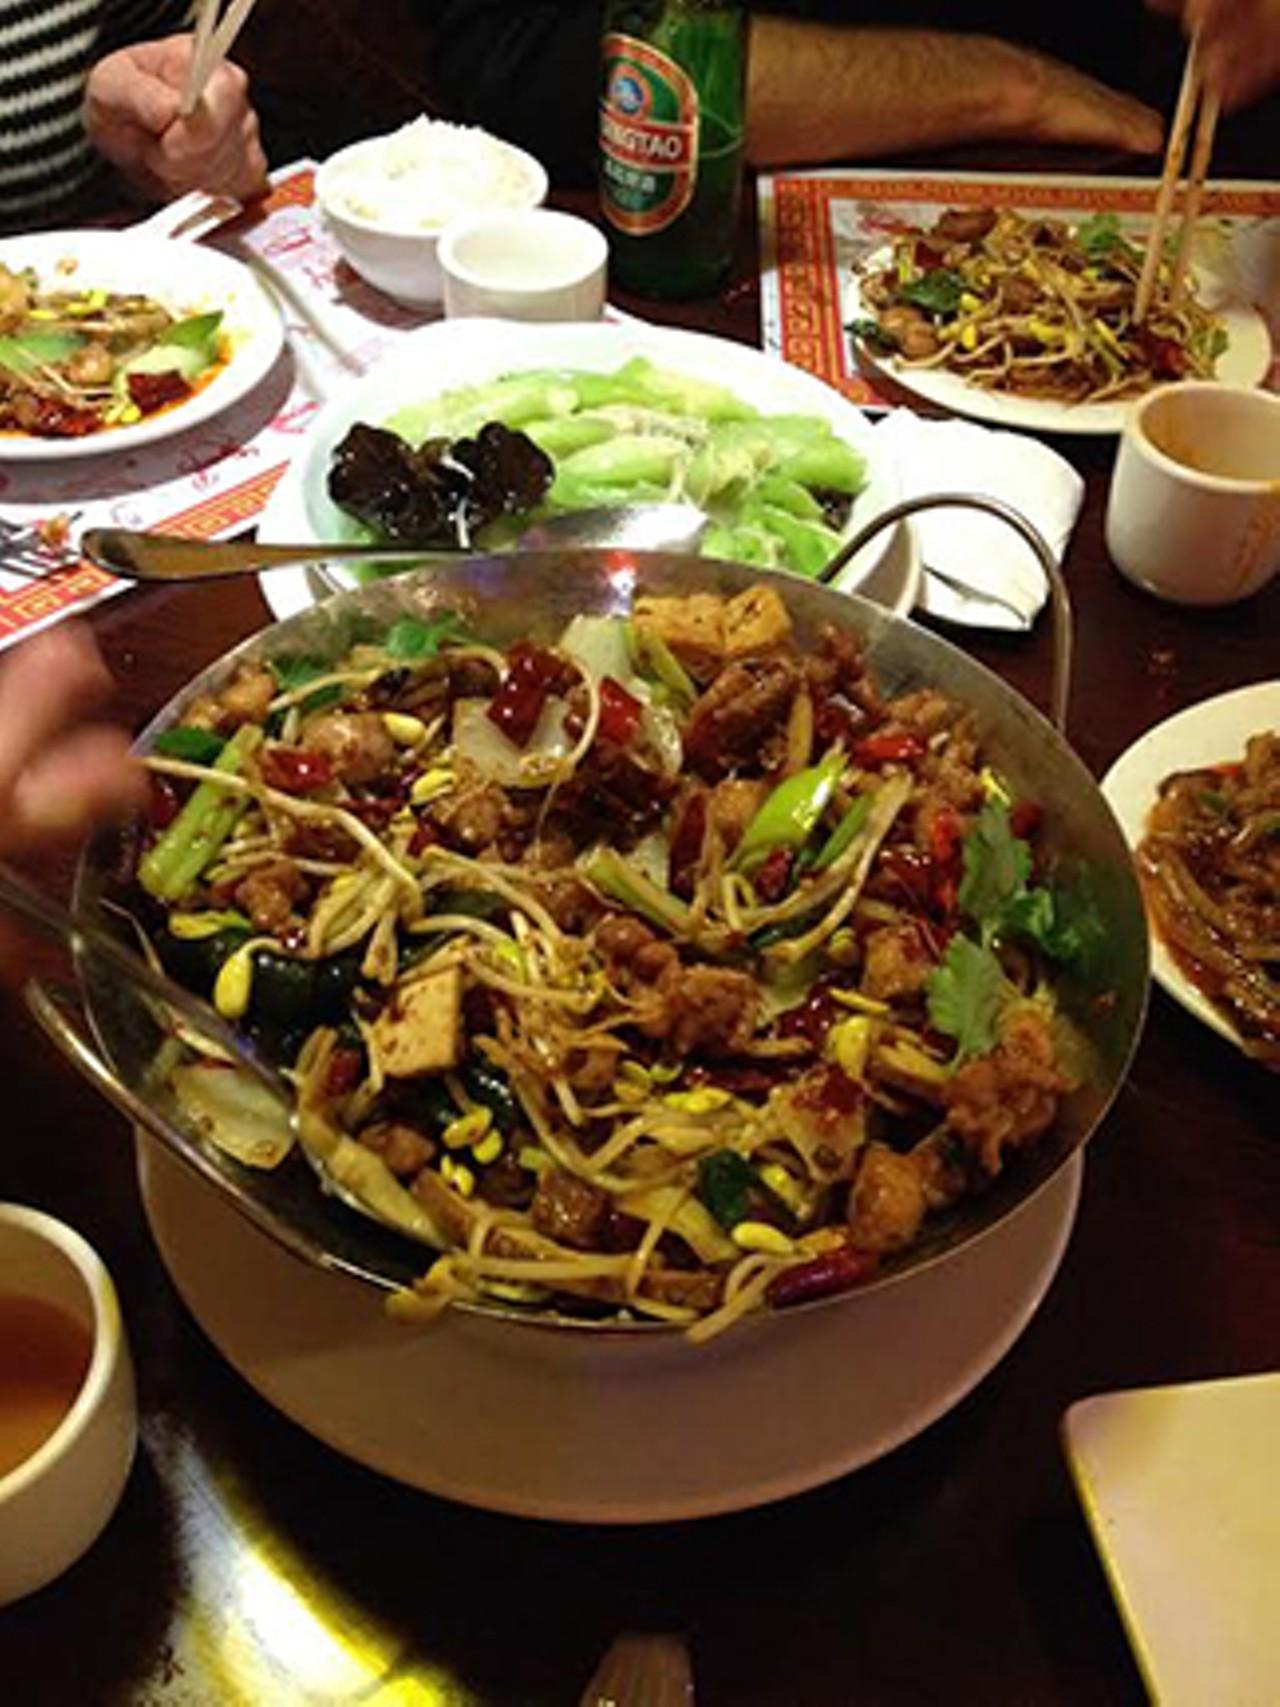 szechuan heaven szechuan gourmet is one of cleveland's